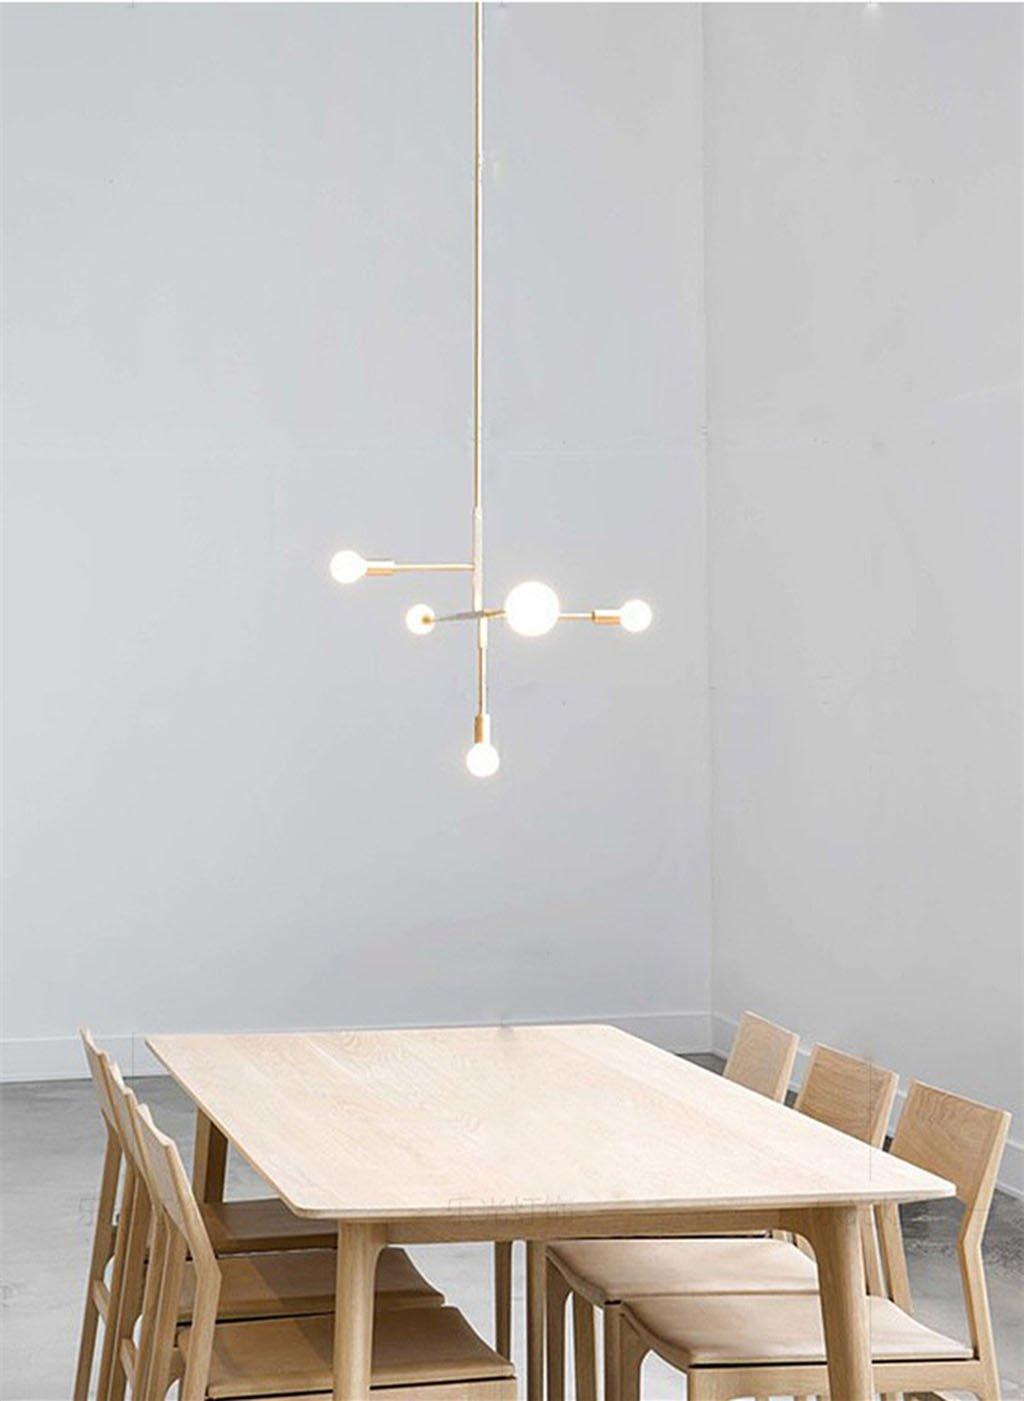 Moderne Metall Anhänger Beleuchtung Hängeleuchte Decke Kronleuchter ...